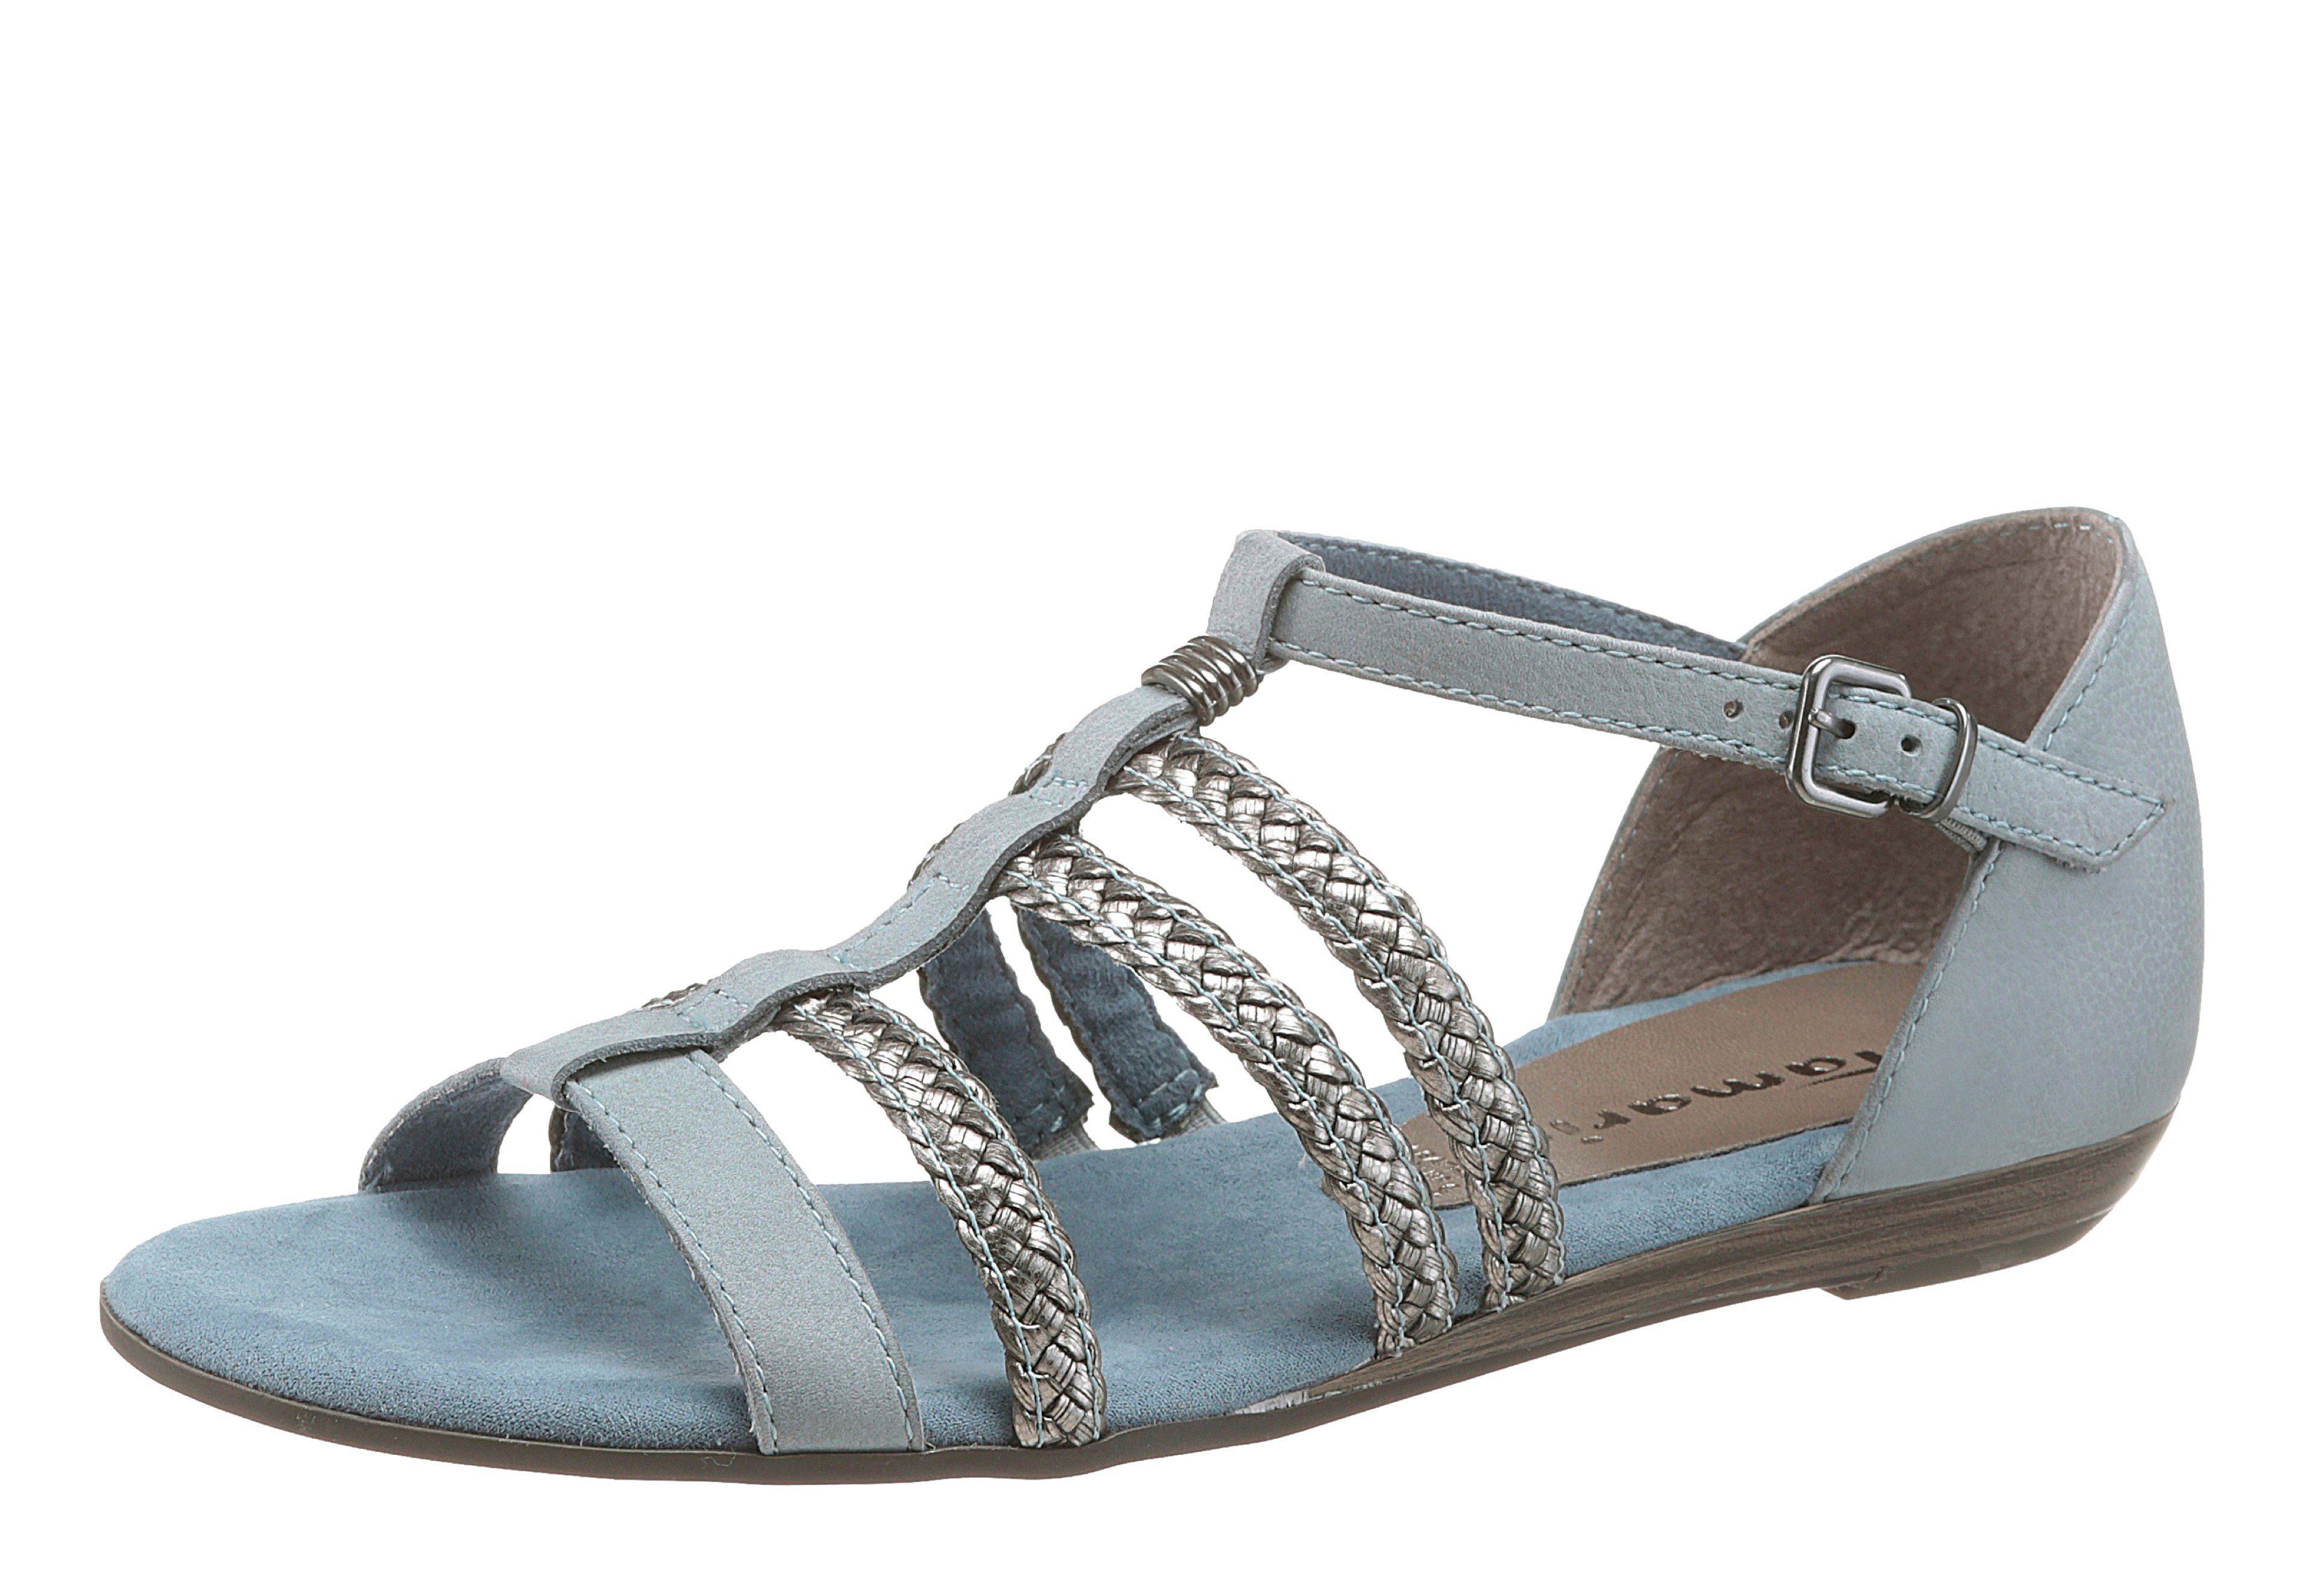 Chaussures Tamaris Coin Avec Boucle Pour Femmes dWbnz